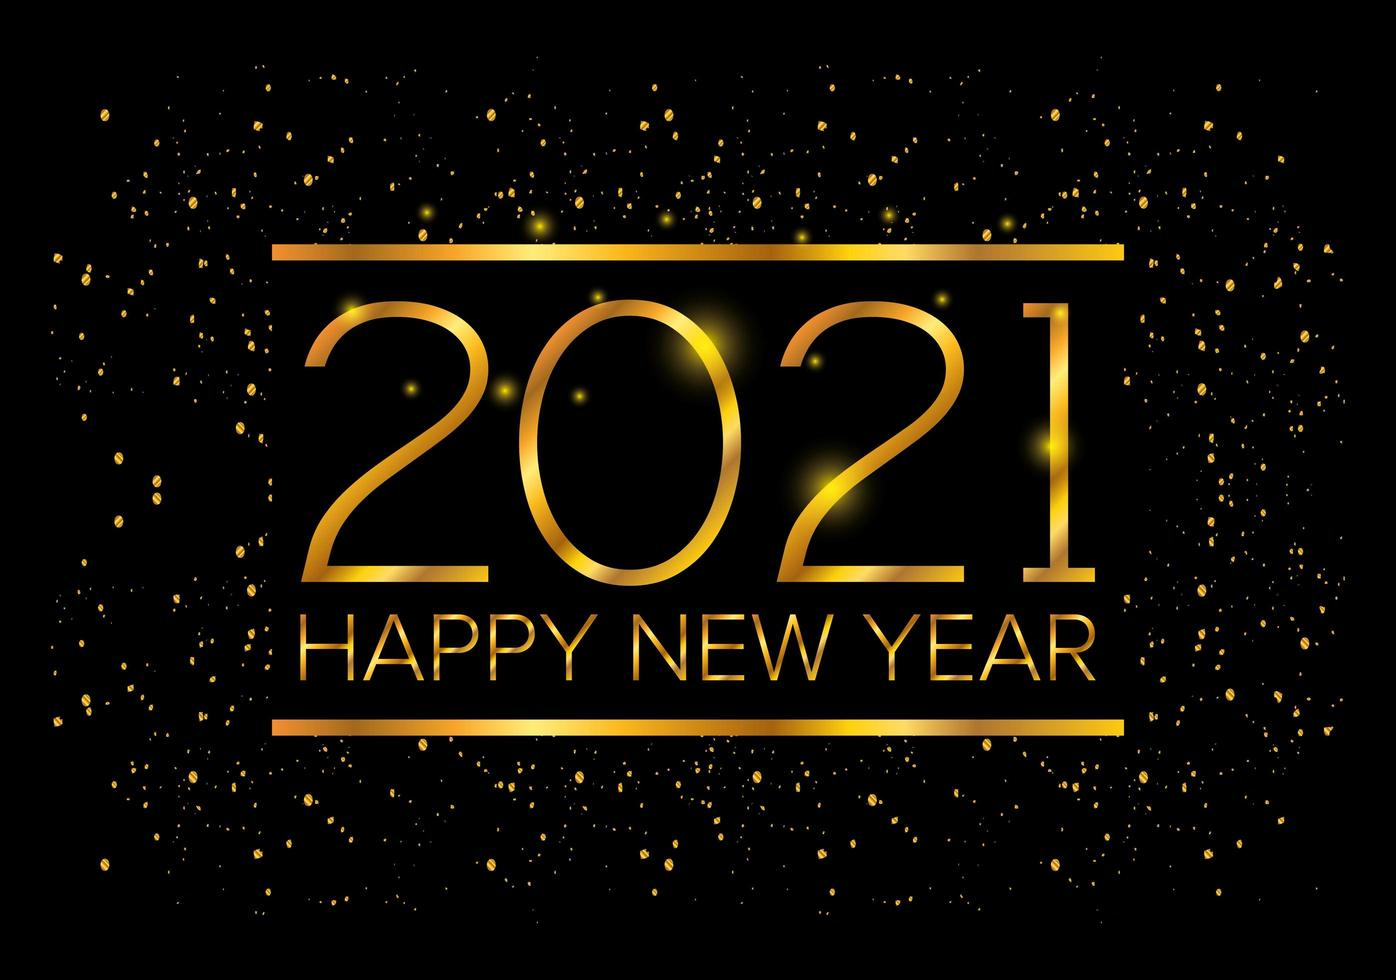 gott nytt år, 2021 gyllene affisch firande vektor